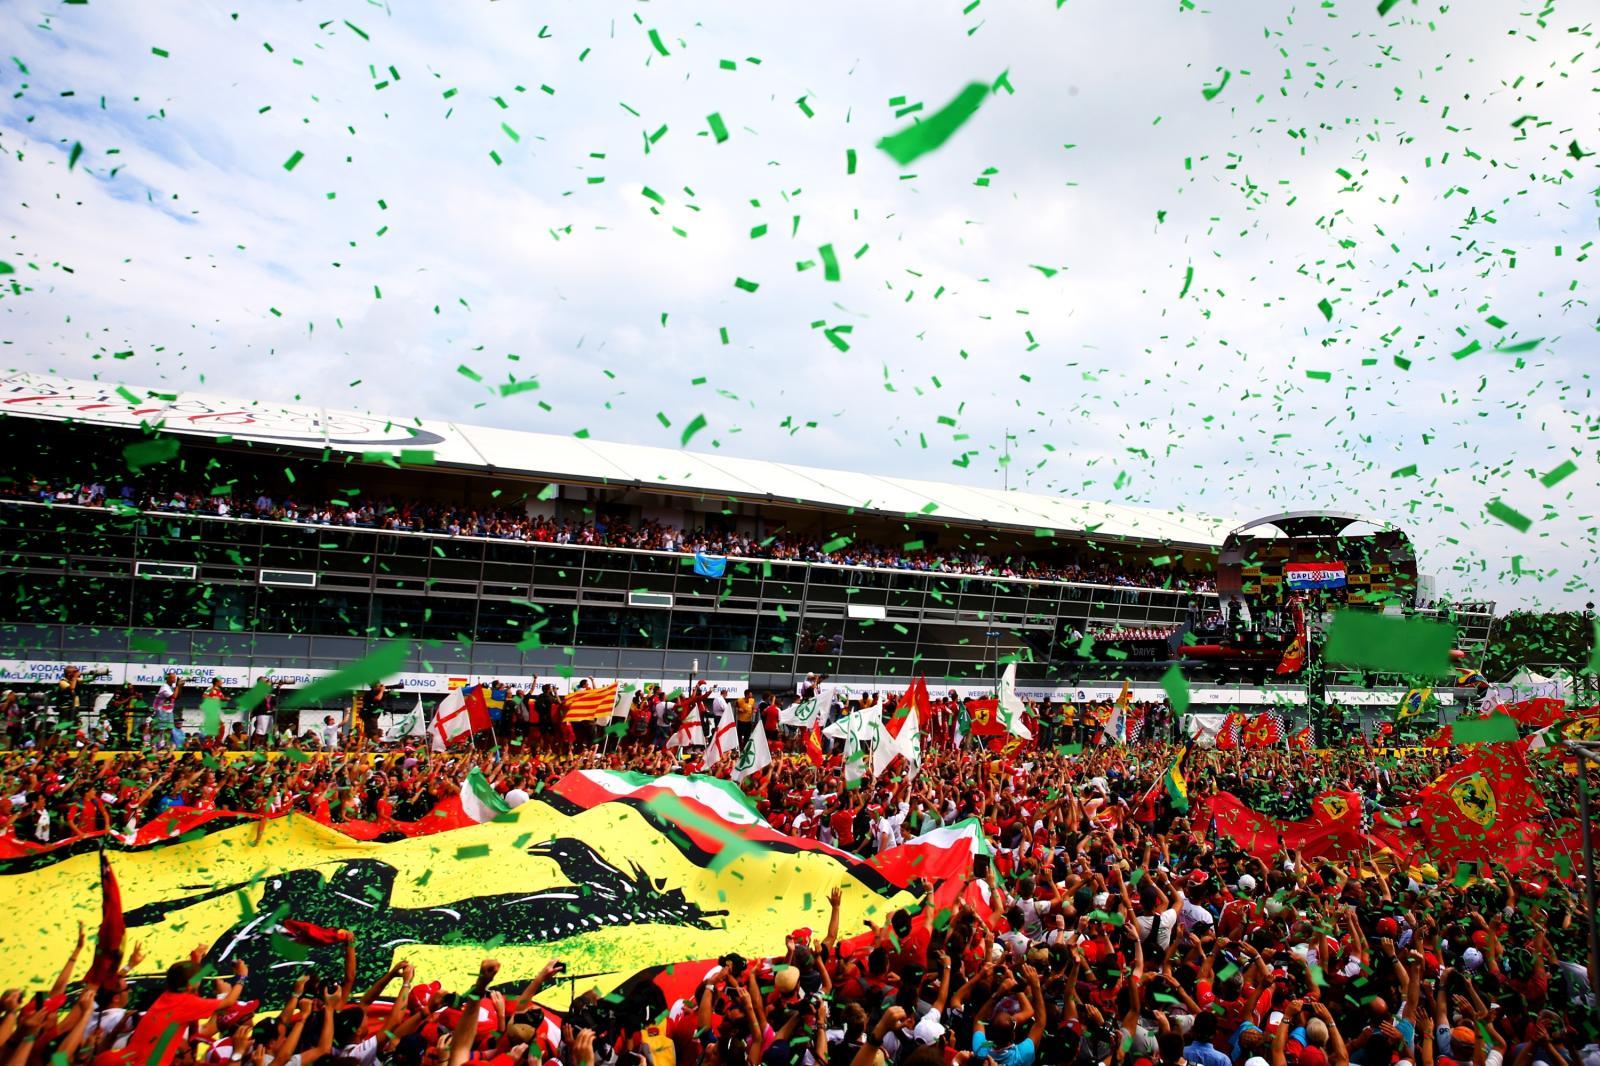 Monza image 2.jpg